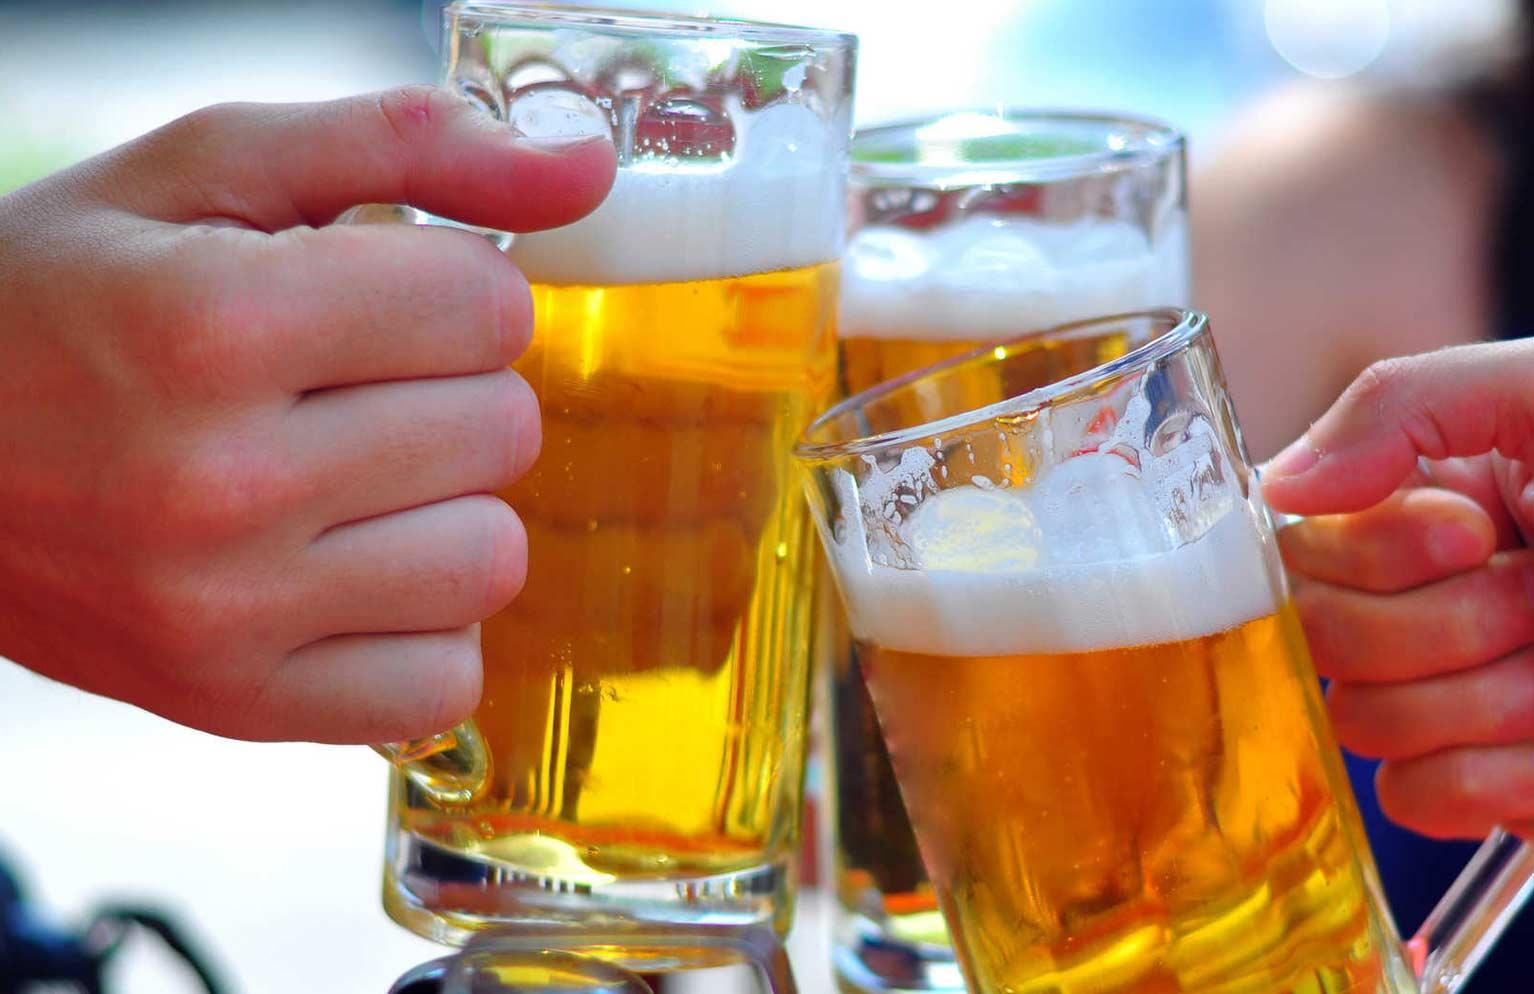 Bỏ thuốc lá, rượu bia giúp giảm nguy cơ nhiều bệnh ung thư